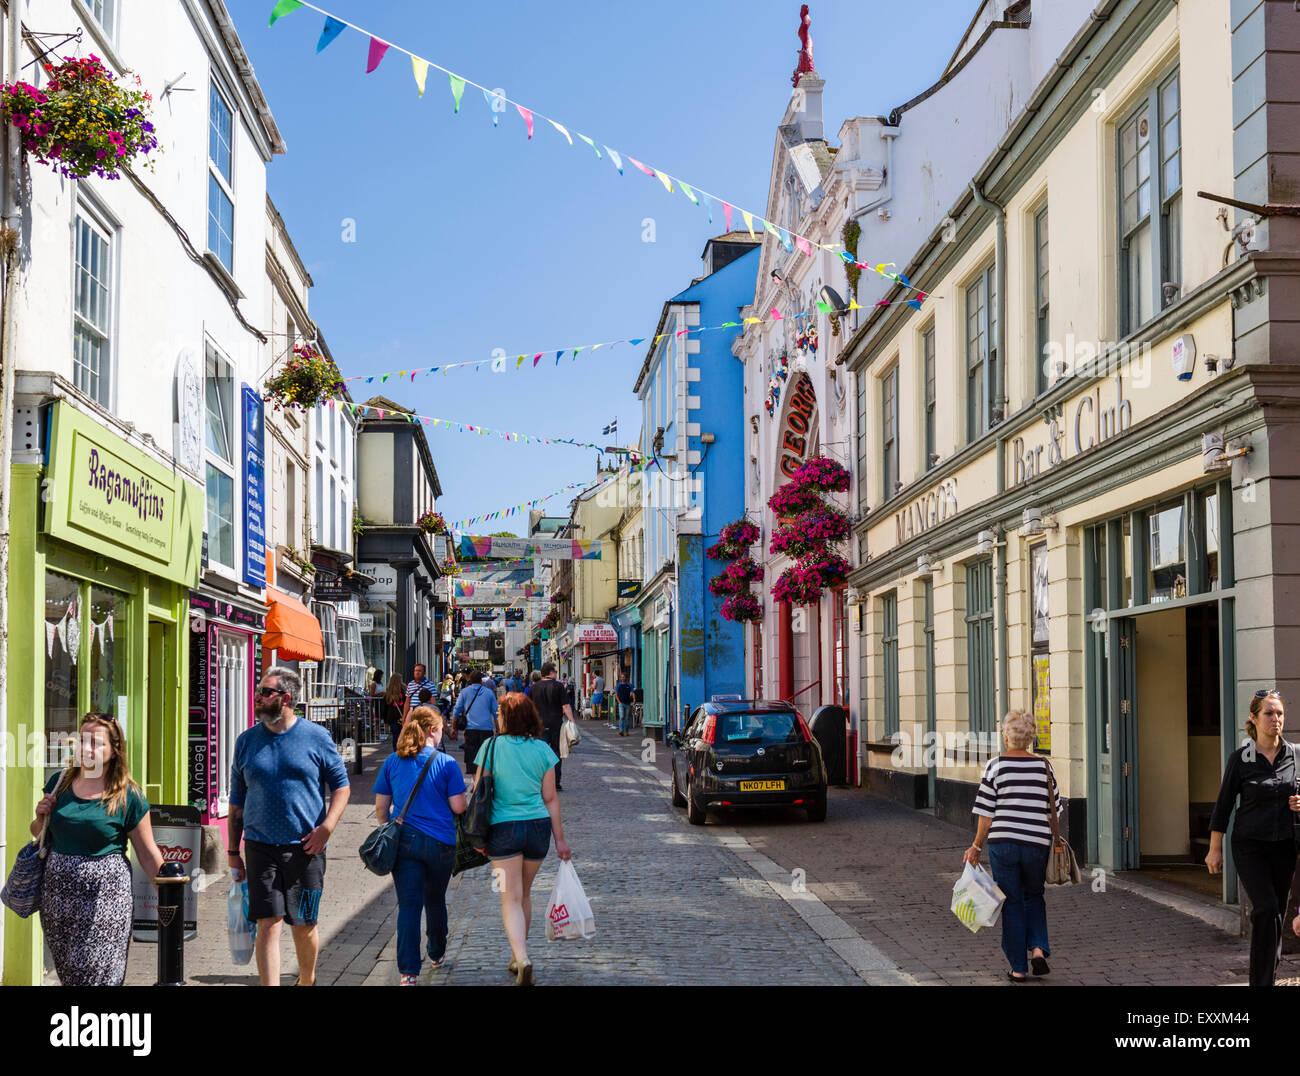 Weymouth Town Centre Restaurants